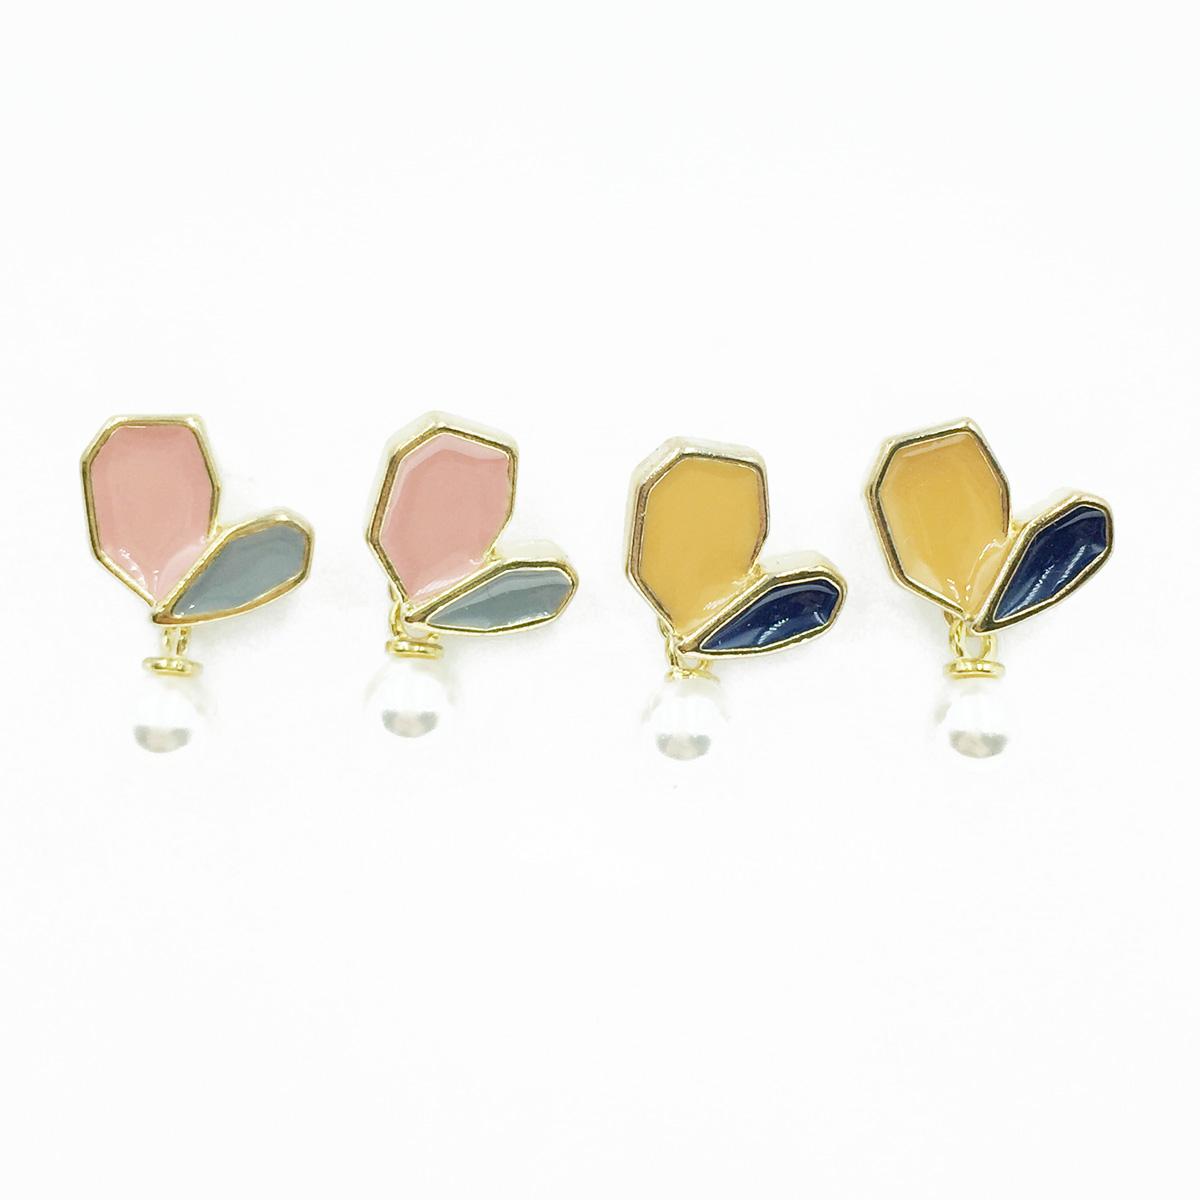 韓國 925純銀 撞色愛心 珍珠 垂墜感 耳針式耳環